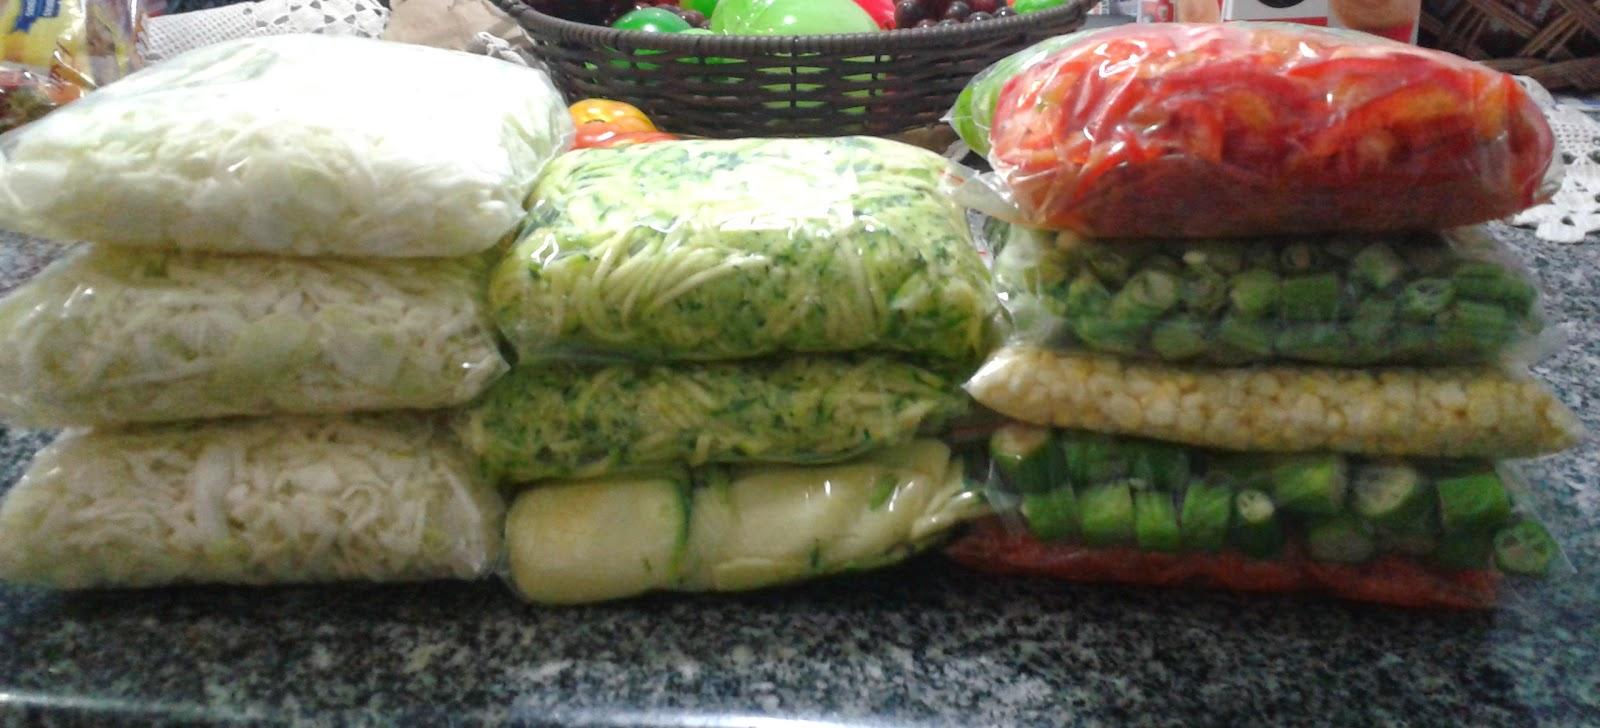 legumes cortados para congelar